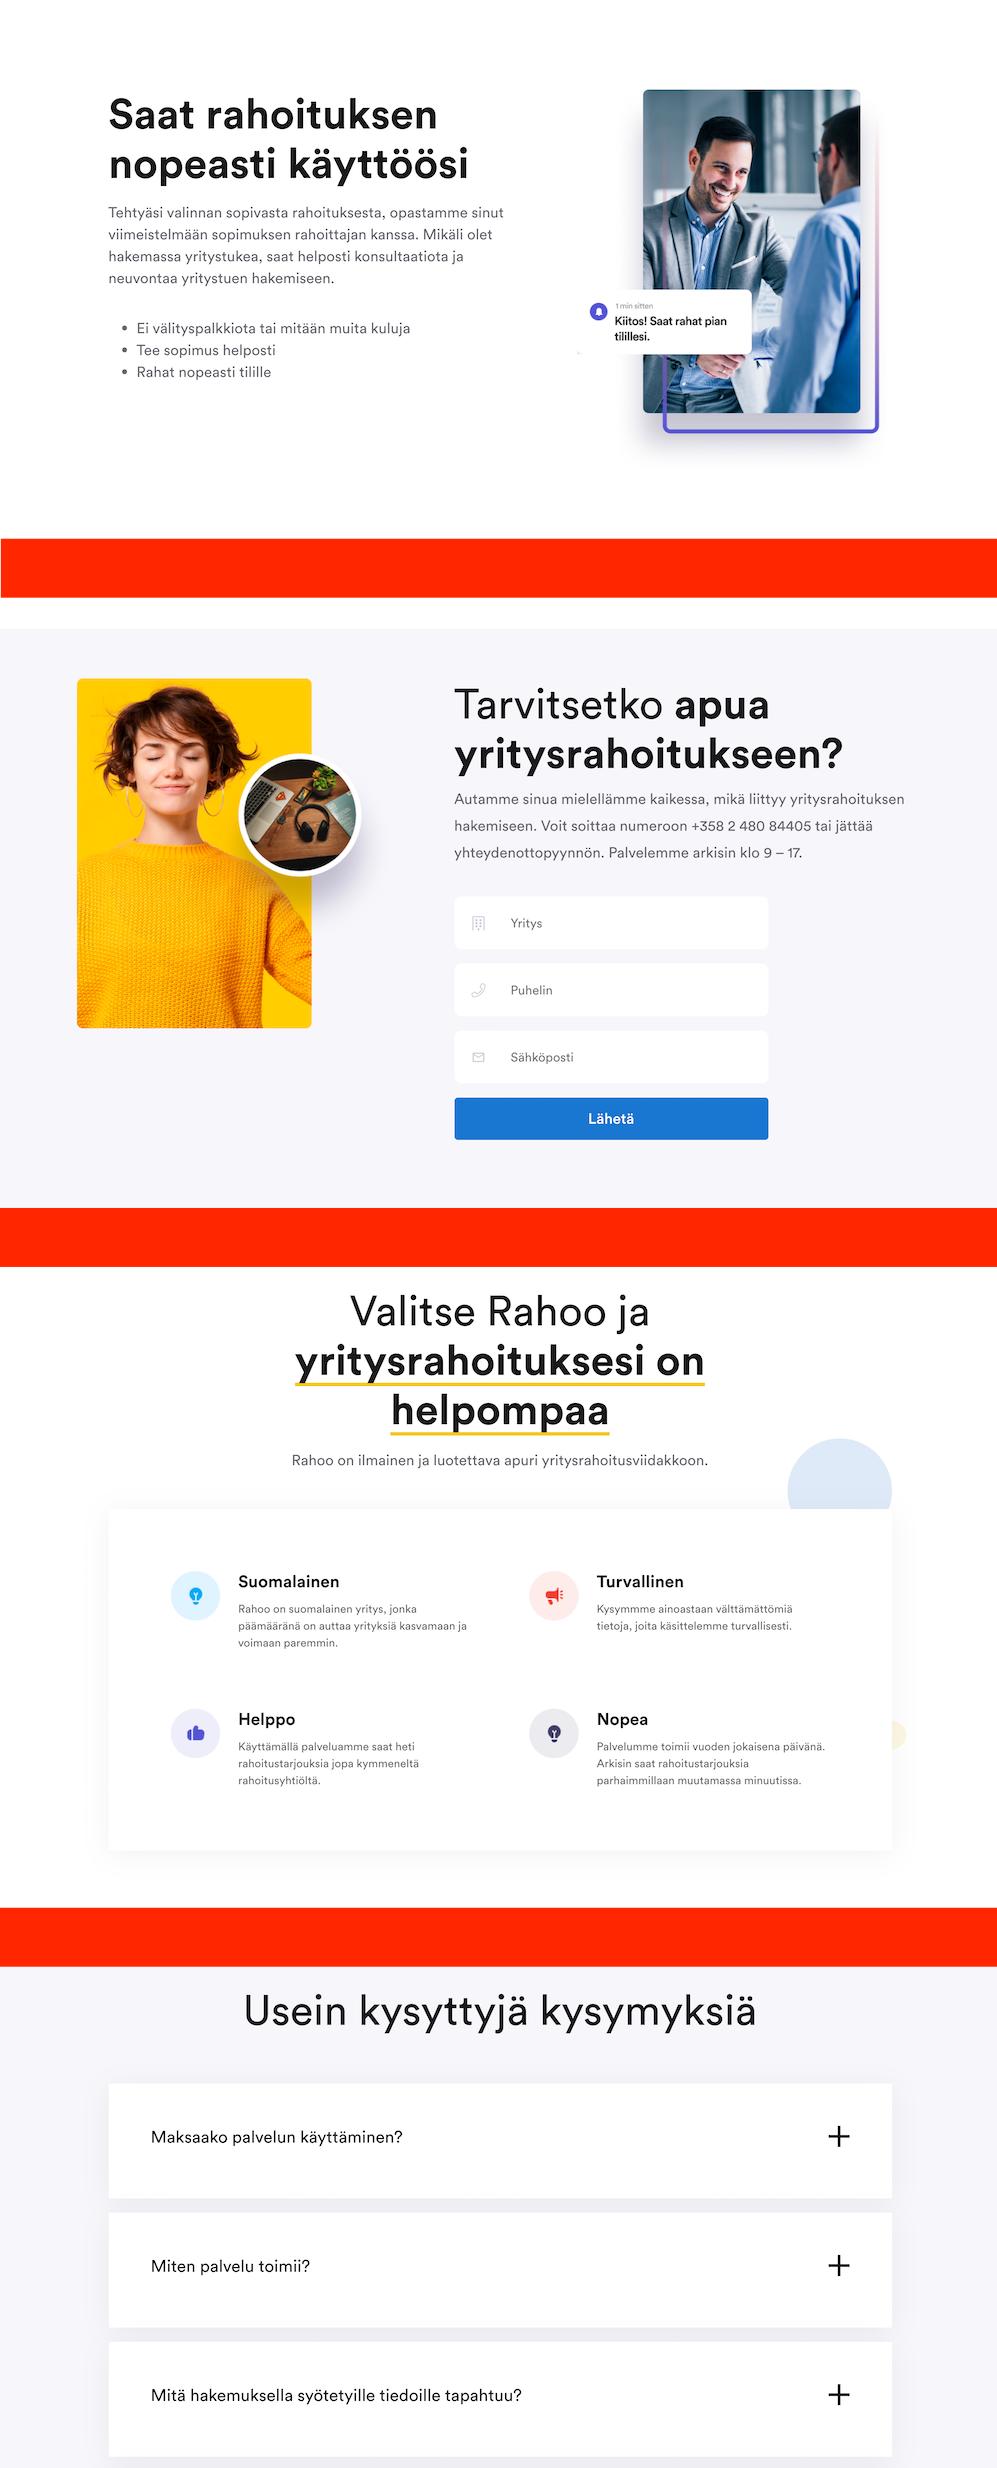 Rahoo.fi sivun lohkoja eriteltynä